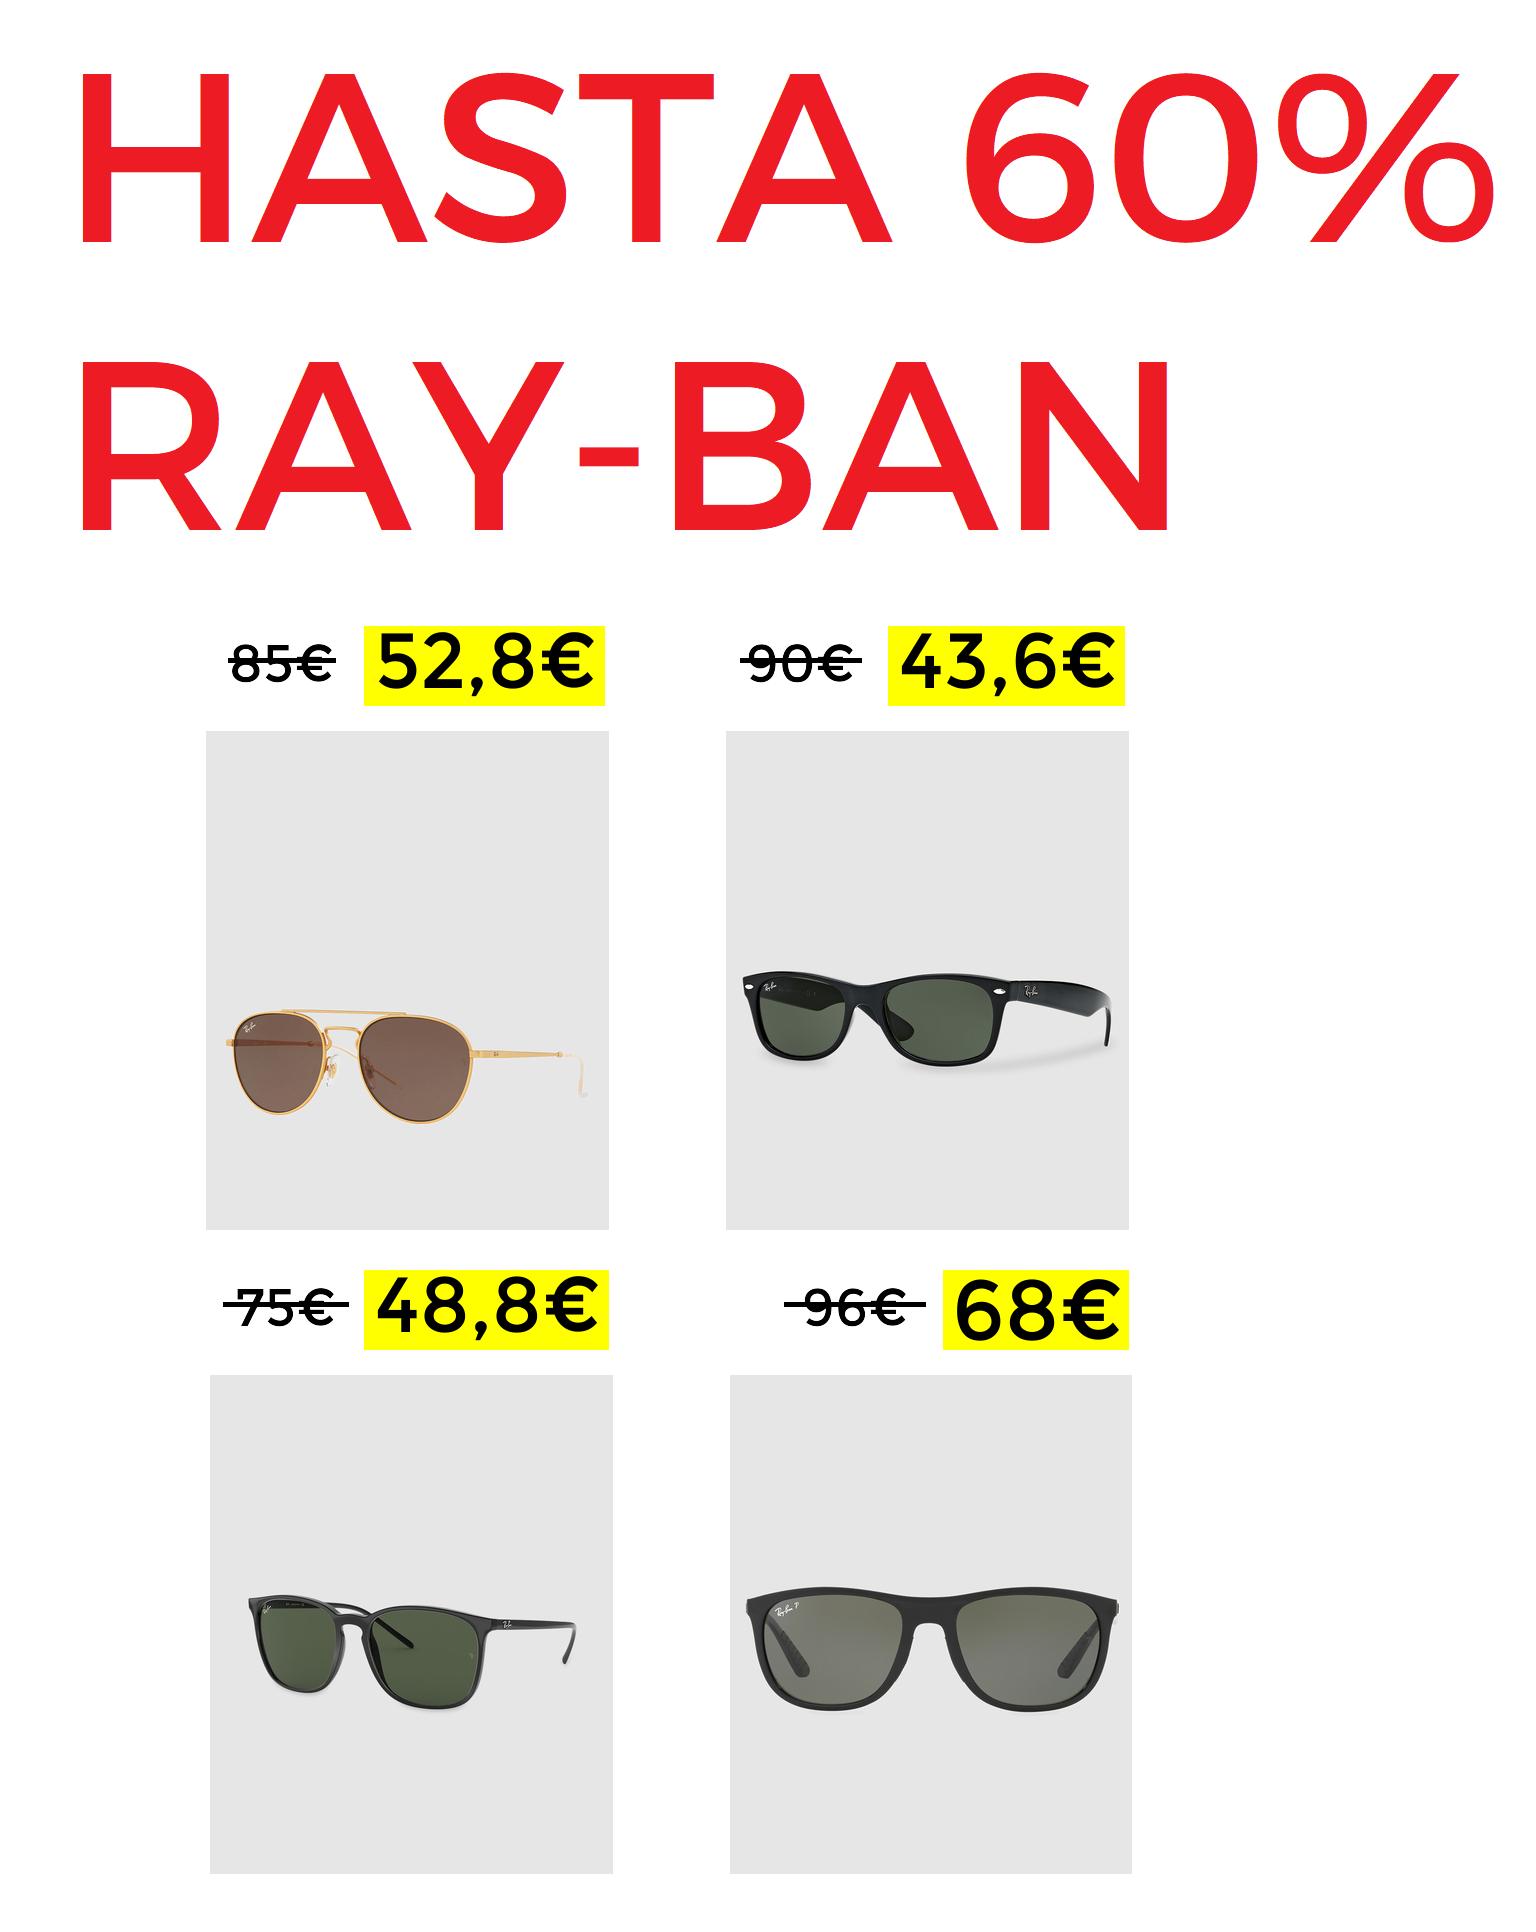 Descuentos en Ray-Ban de hasta 60%